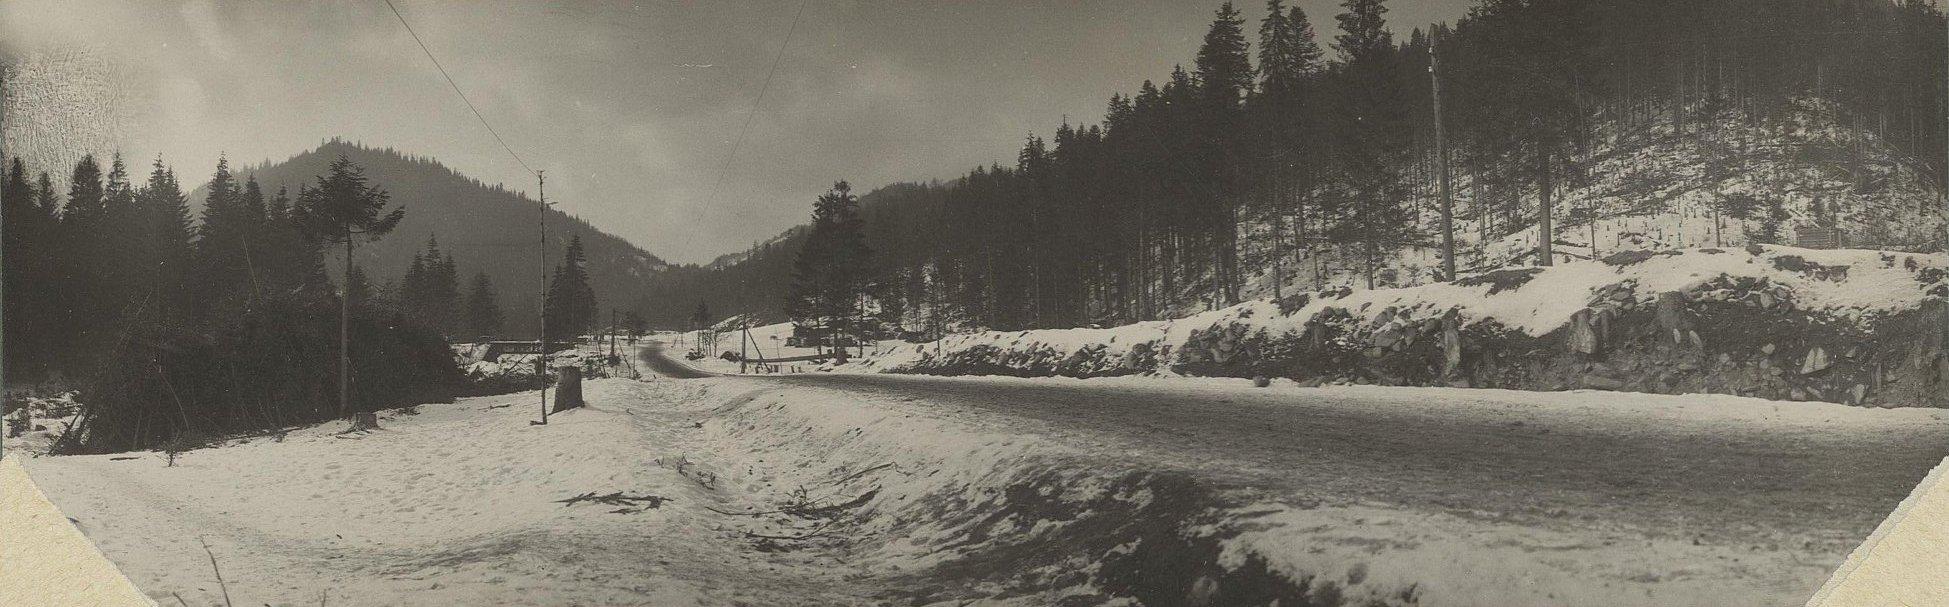 1915. Панорама Галицких гор. Дорога в местечко Яблоницы